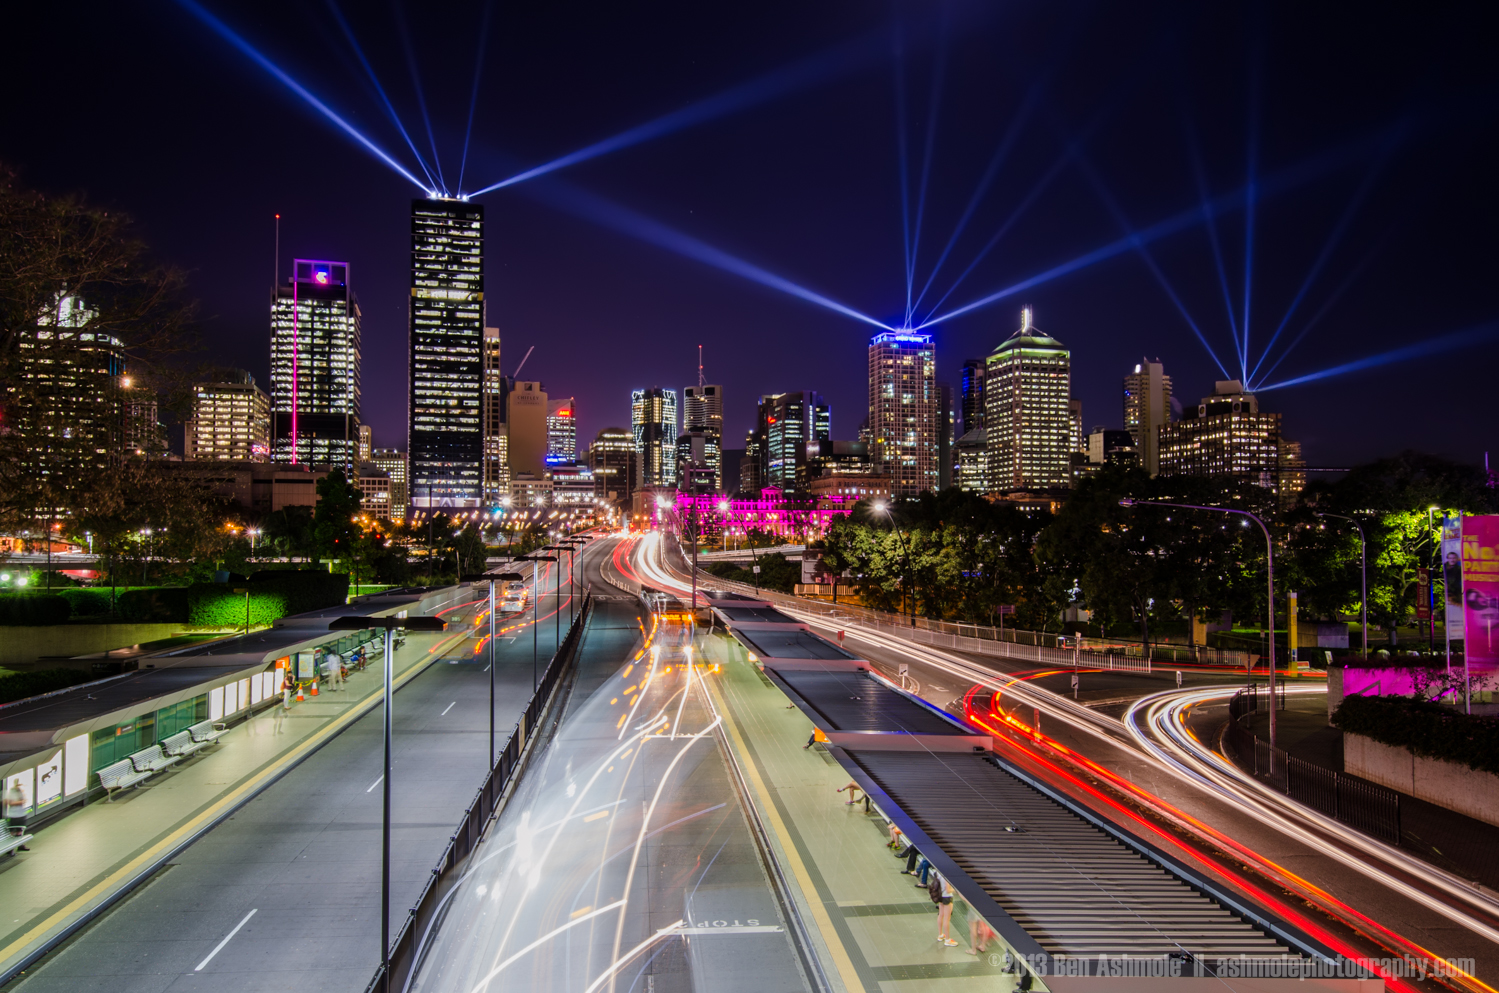 City Light Show, Brisbane, Australia